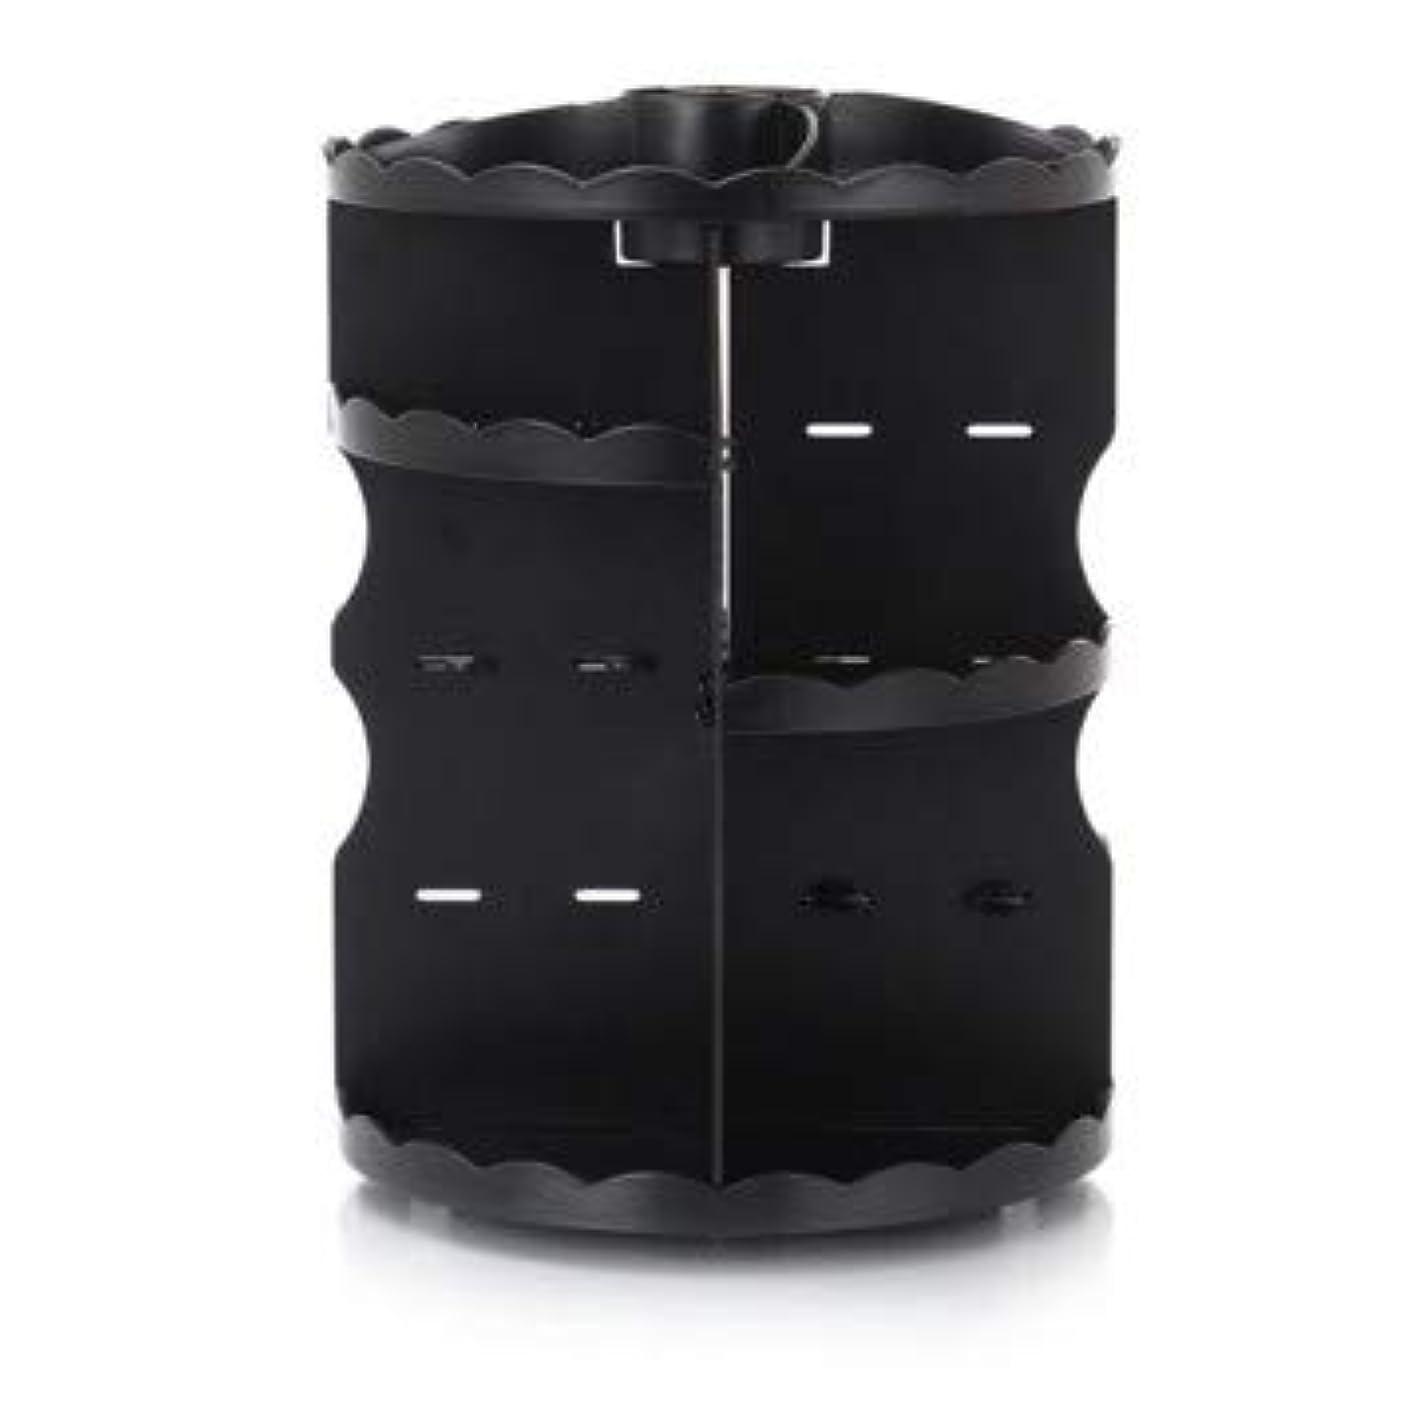 同時エーカーエキサイティングラウンド卓上回転口紅フレーム透明アクリル化粧ケース浴室スキンケアプラスチック収納ボックス (Color : ブラック)